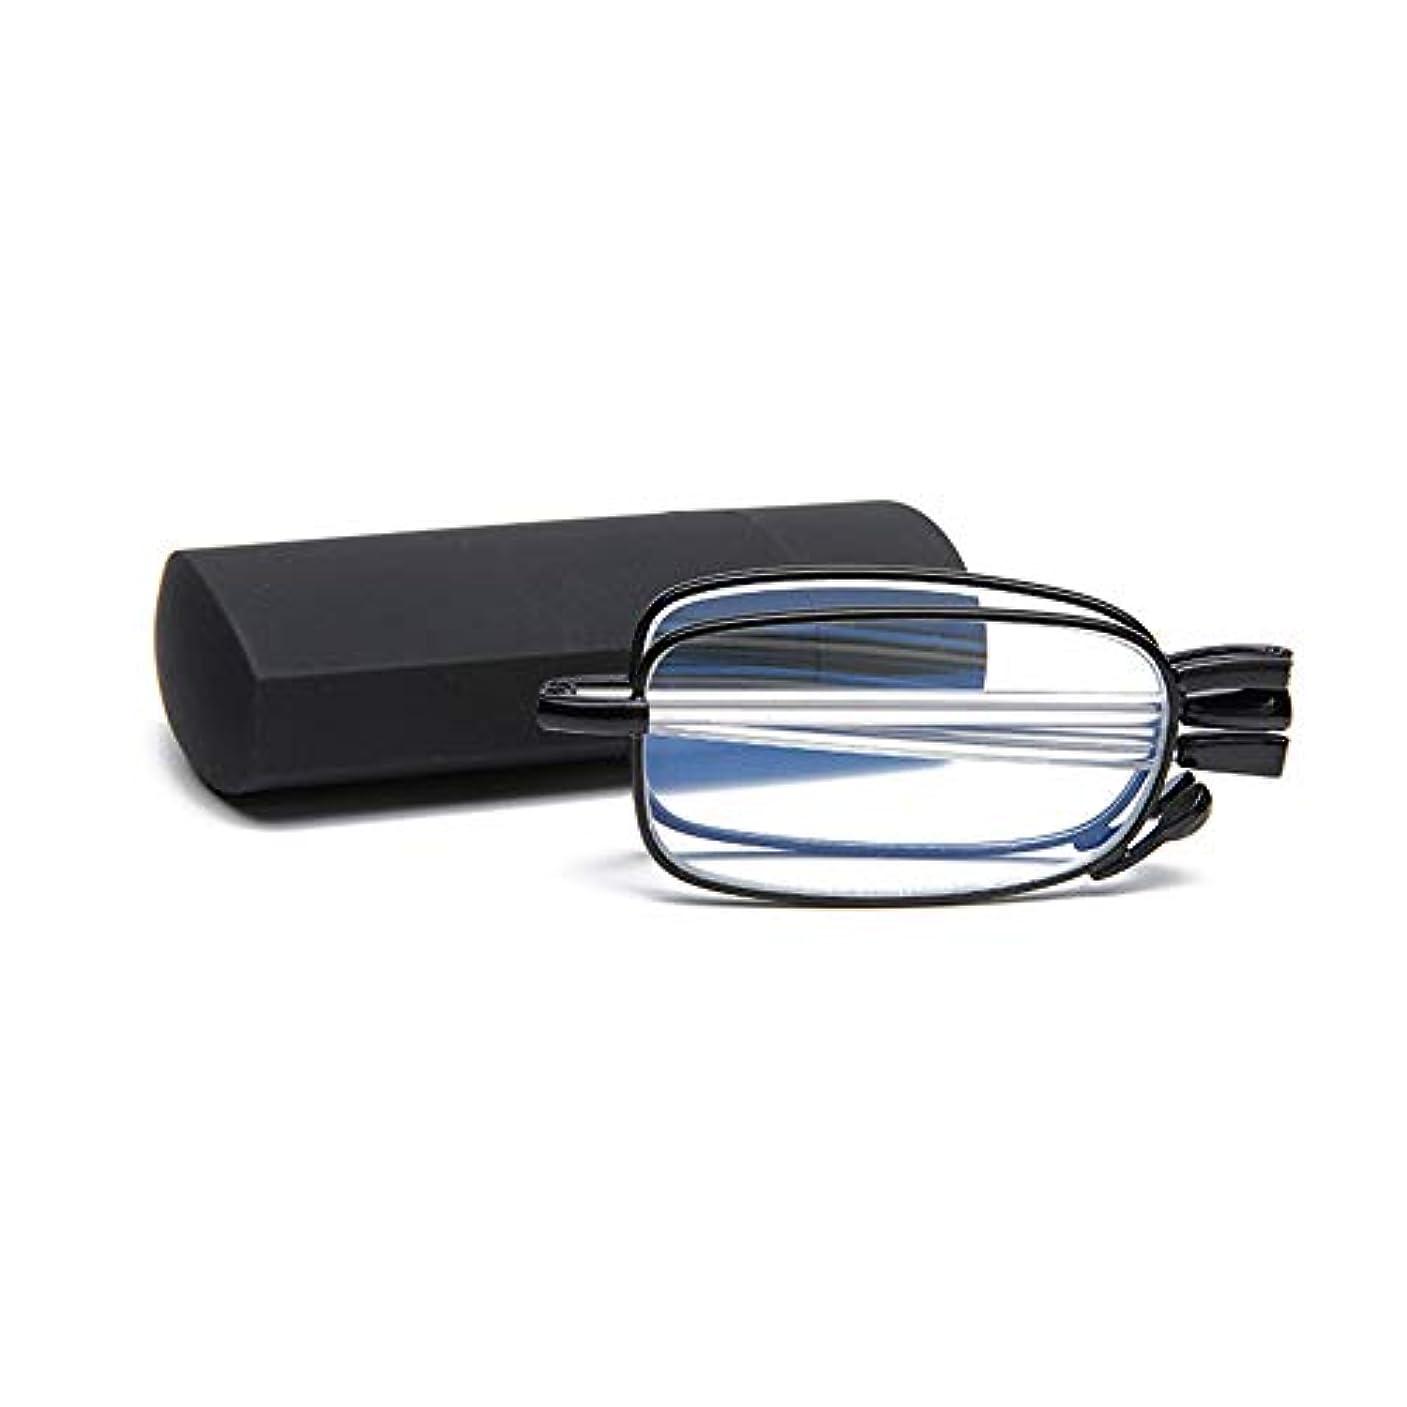 ミニメガネケースとポータブルアンチブルーライト折りたたみ伸縮式足老眼鏡,黒,+2.5